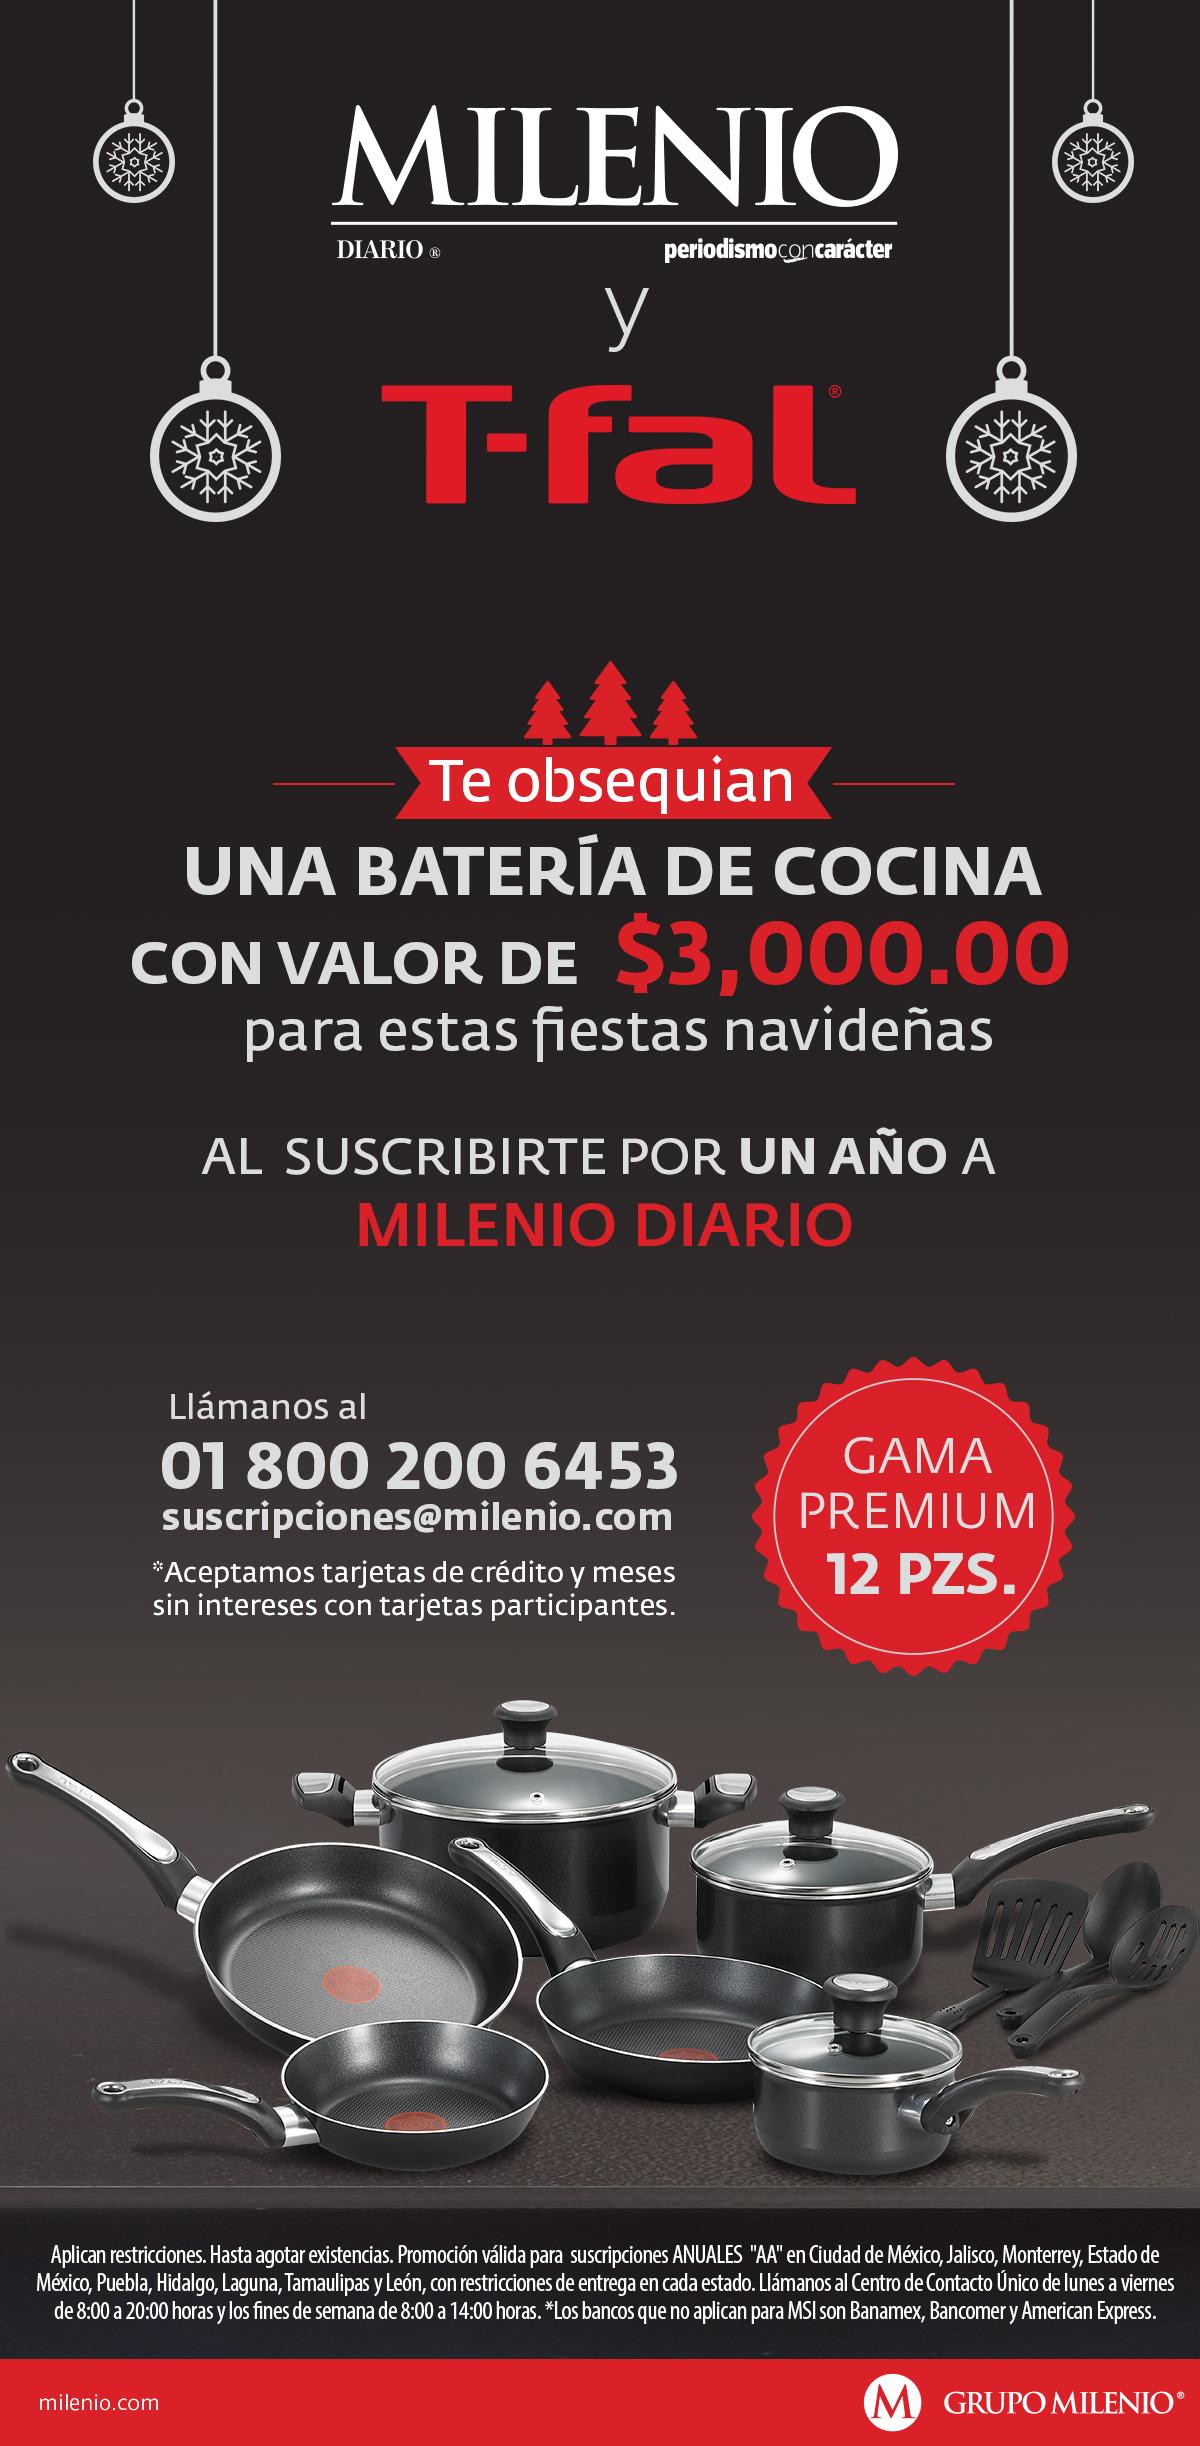 Milenio Diario: Batería de Cocina T-Fal gratis con la suscripicón anual